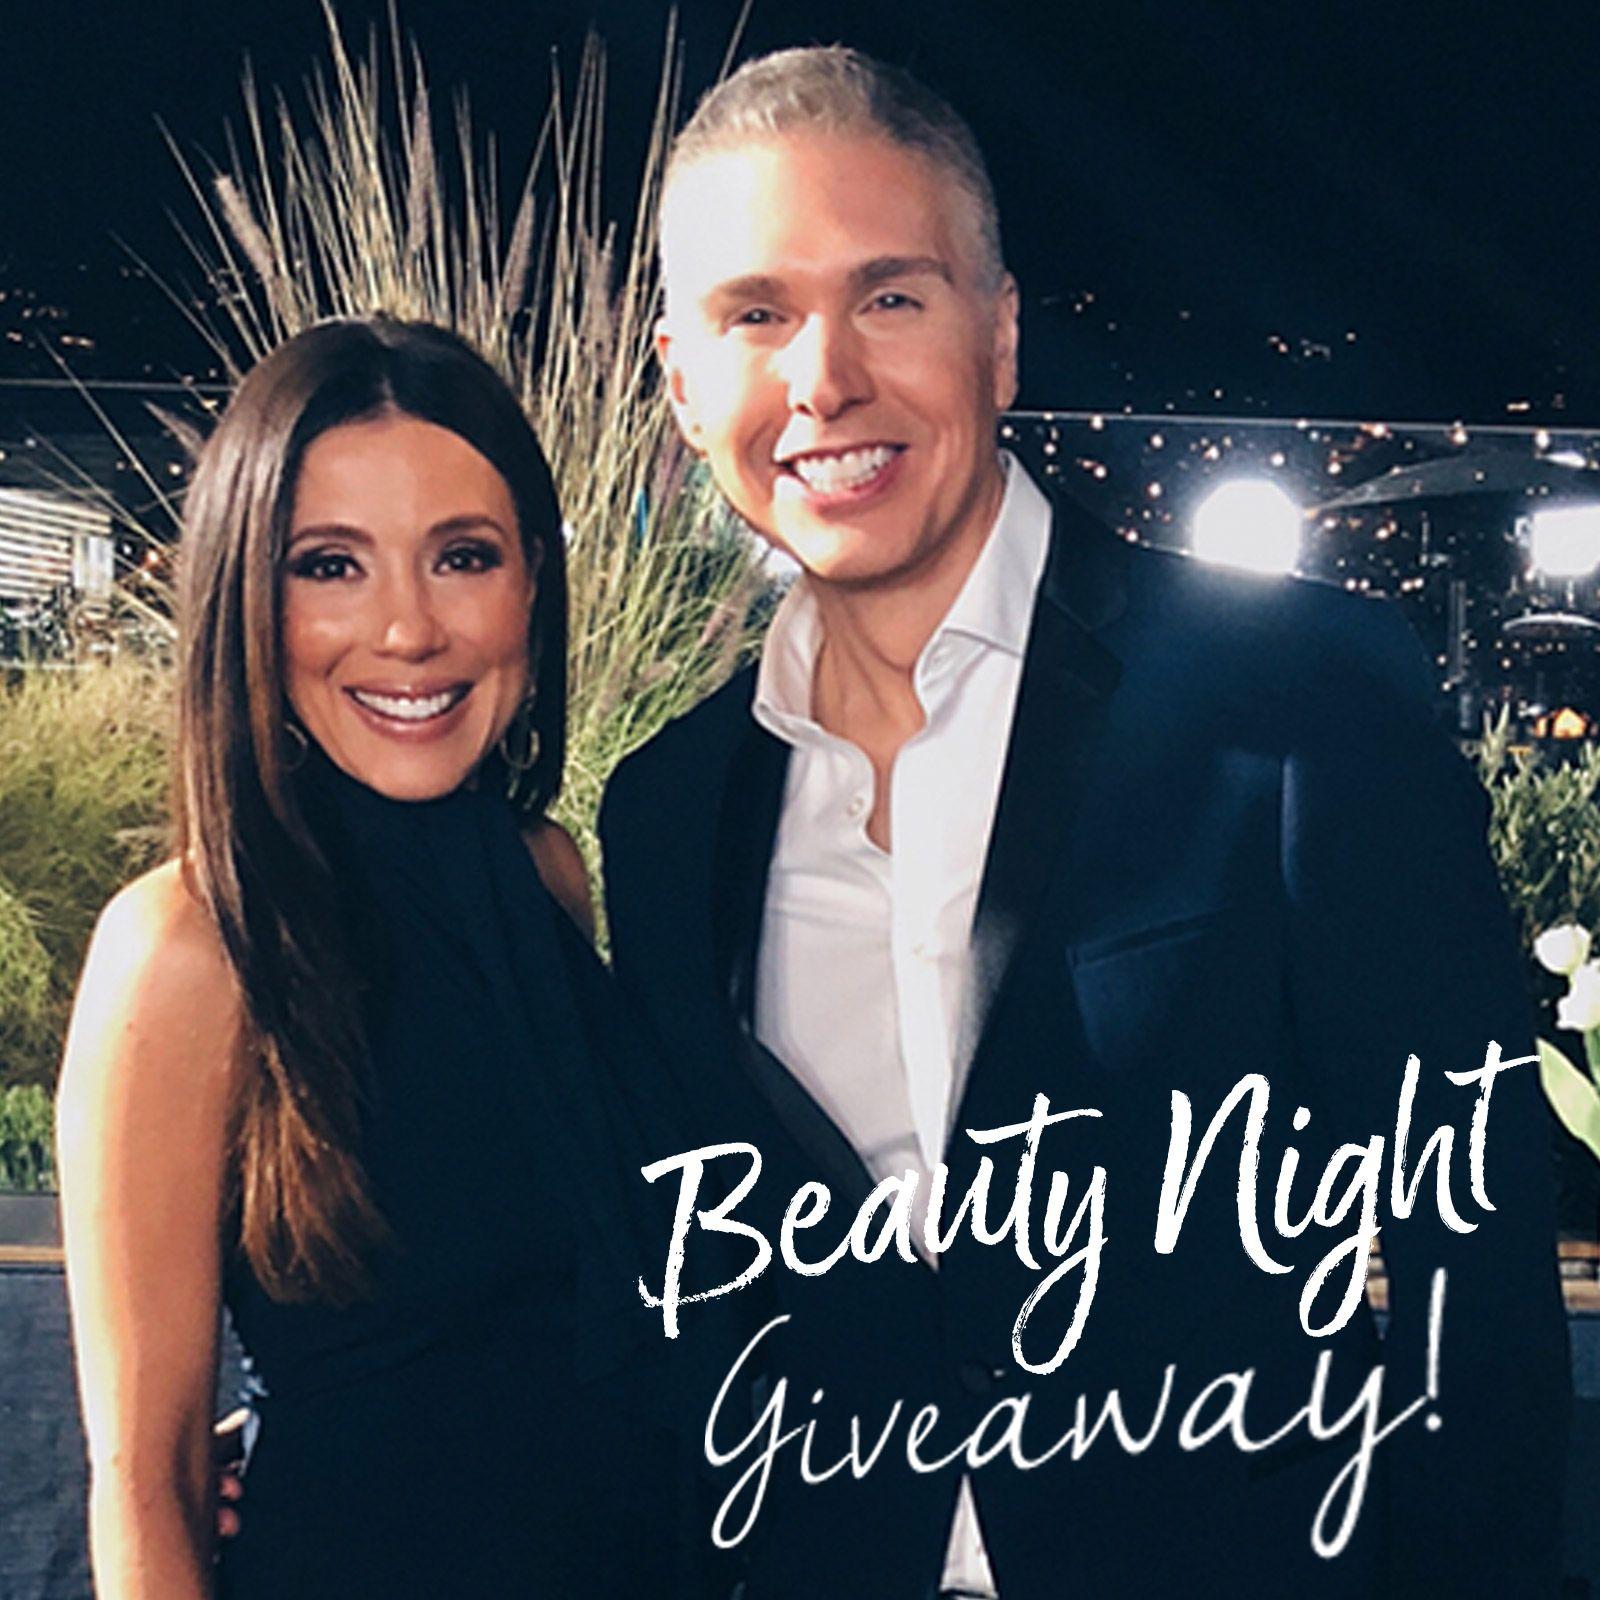 FB_Beautynight_bottomrighttext.jpg